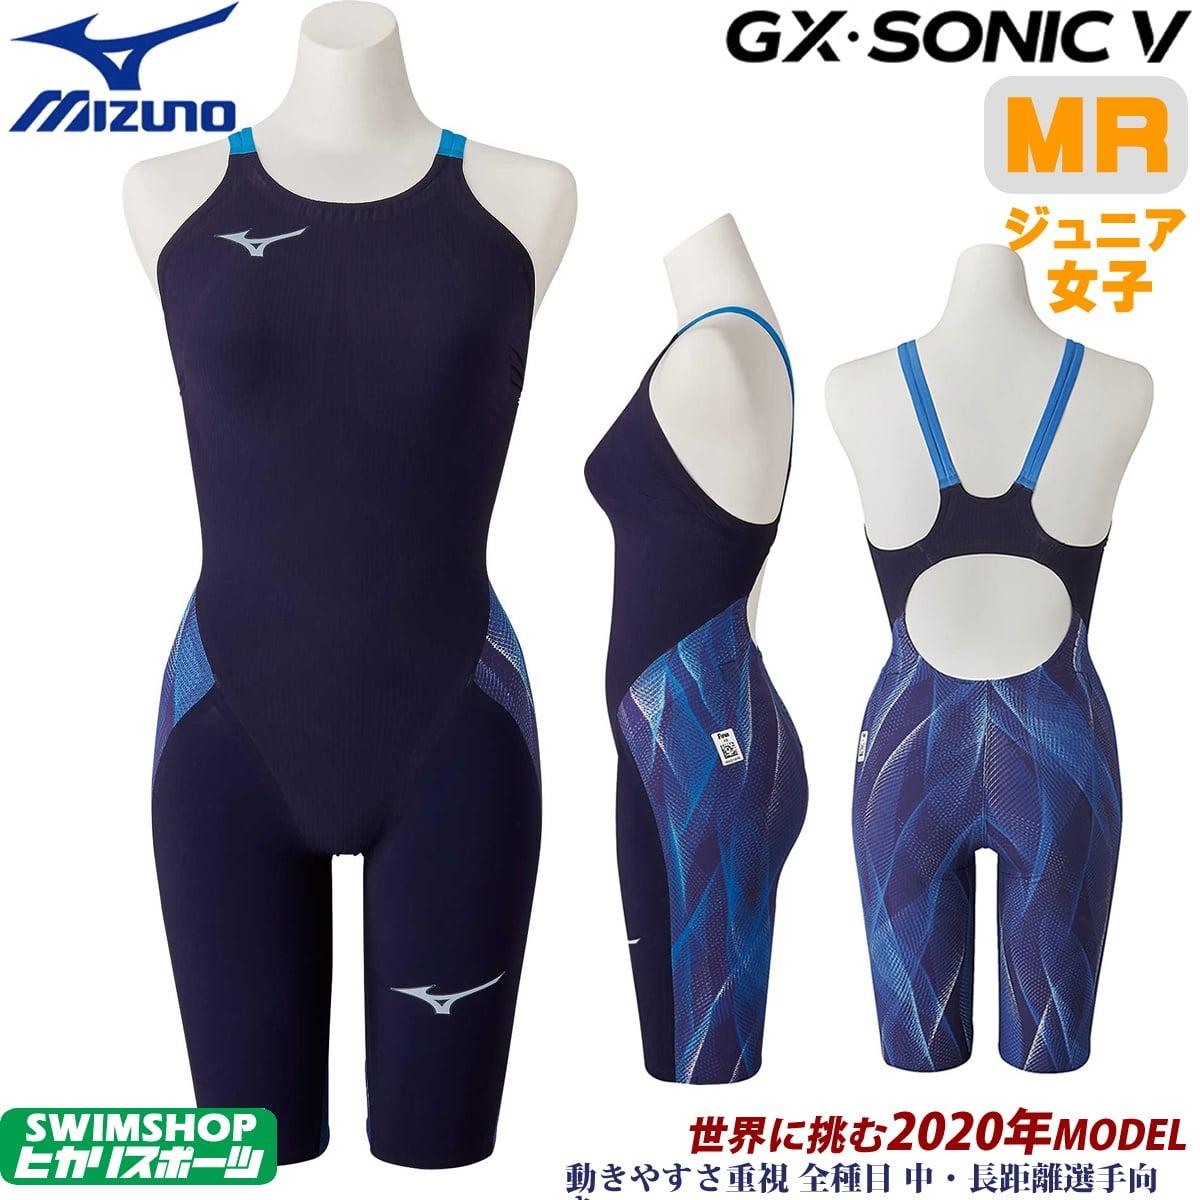 【10%OFFクーポン対象】ミズノ 競泳水着 ジュニア女子 GX SONIC5 MR マルチレーサー オーロラ×ブルー Fina承認 ハーフスーツ 布帛素材 競泳全種目 短距離~中・長距離 選手向き MIZUNO 高速水着 2020年モデル N2MG0202-J